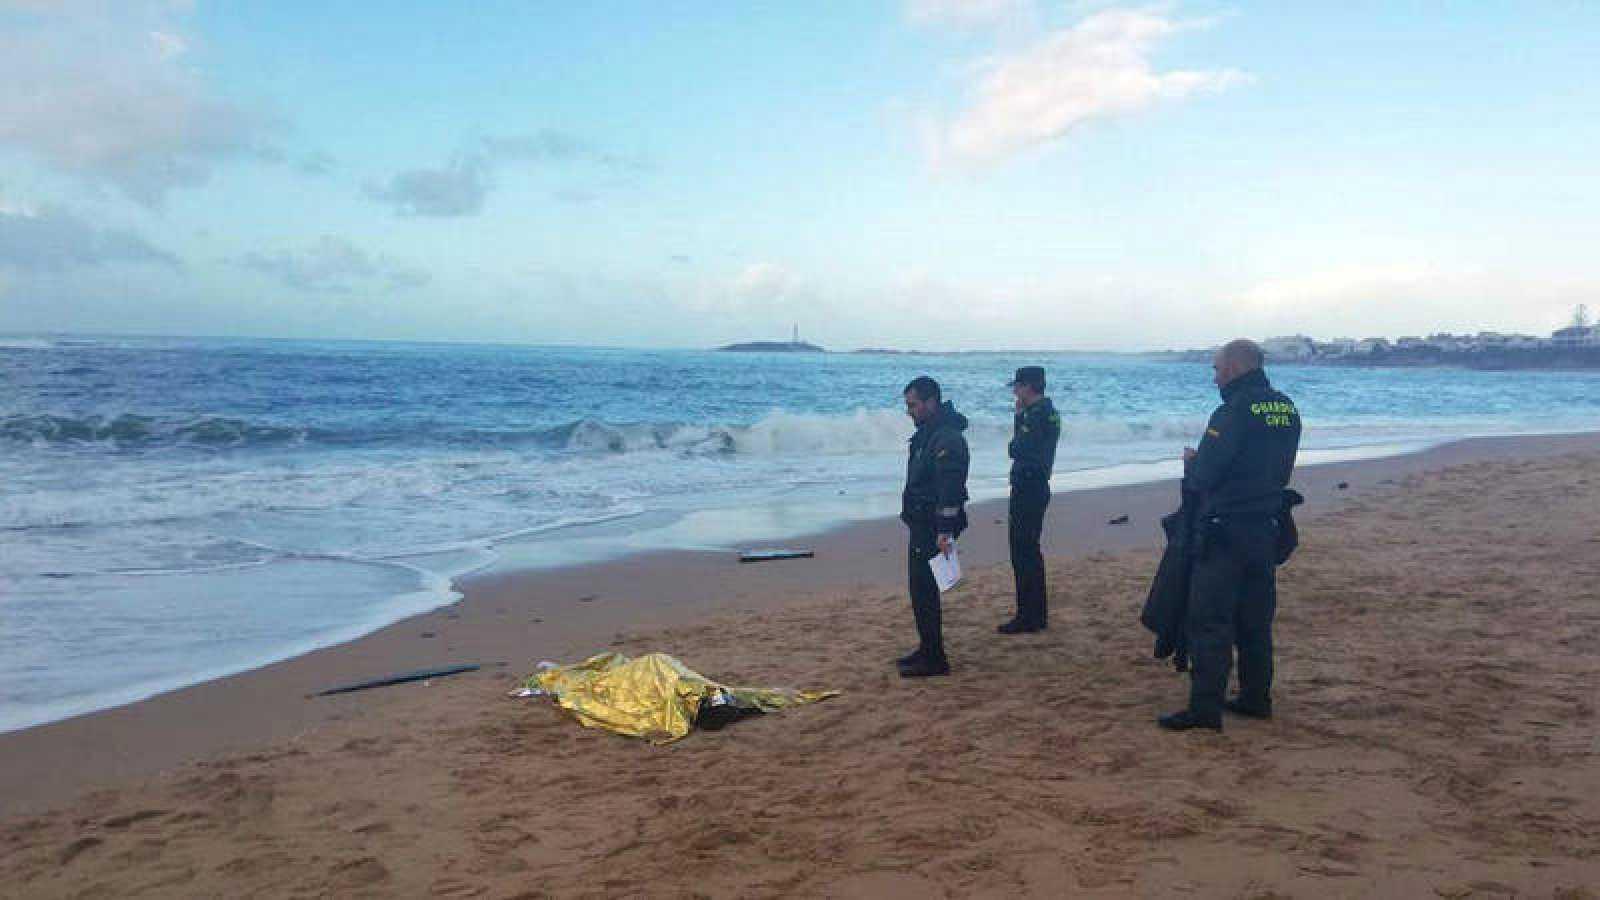 Asciende a 18 la cifra de migrantes muertos al tratar de cruzar a España desde Marruecos